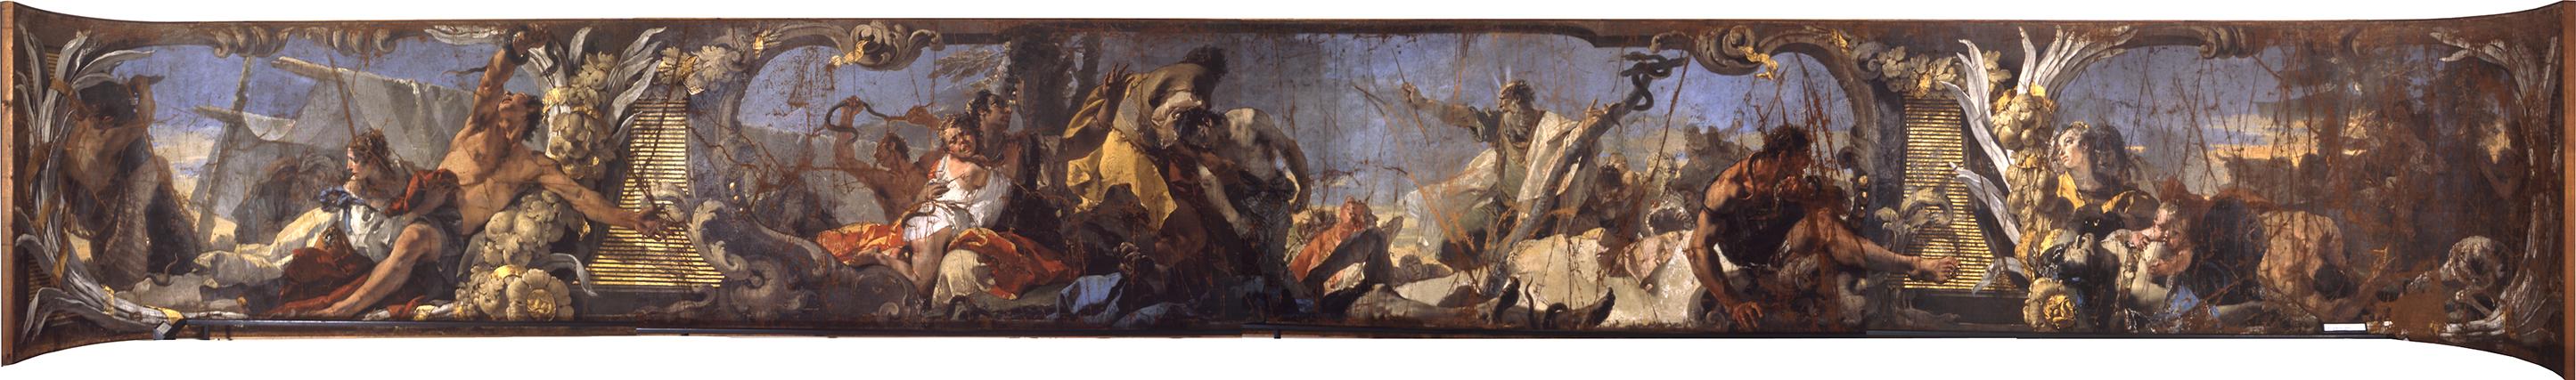 Tiepolo Giambattista - Castigo dei serpenti prima del restauro